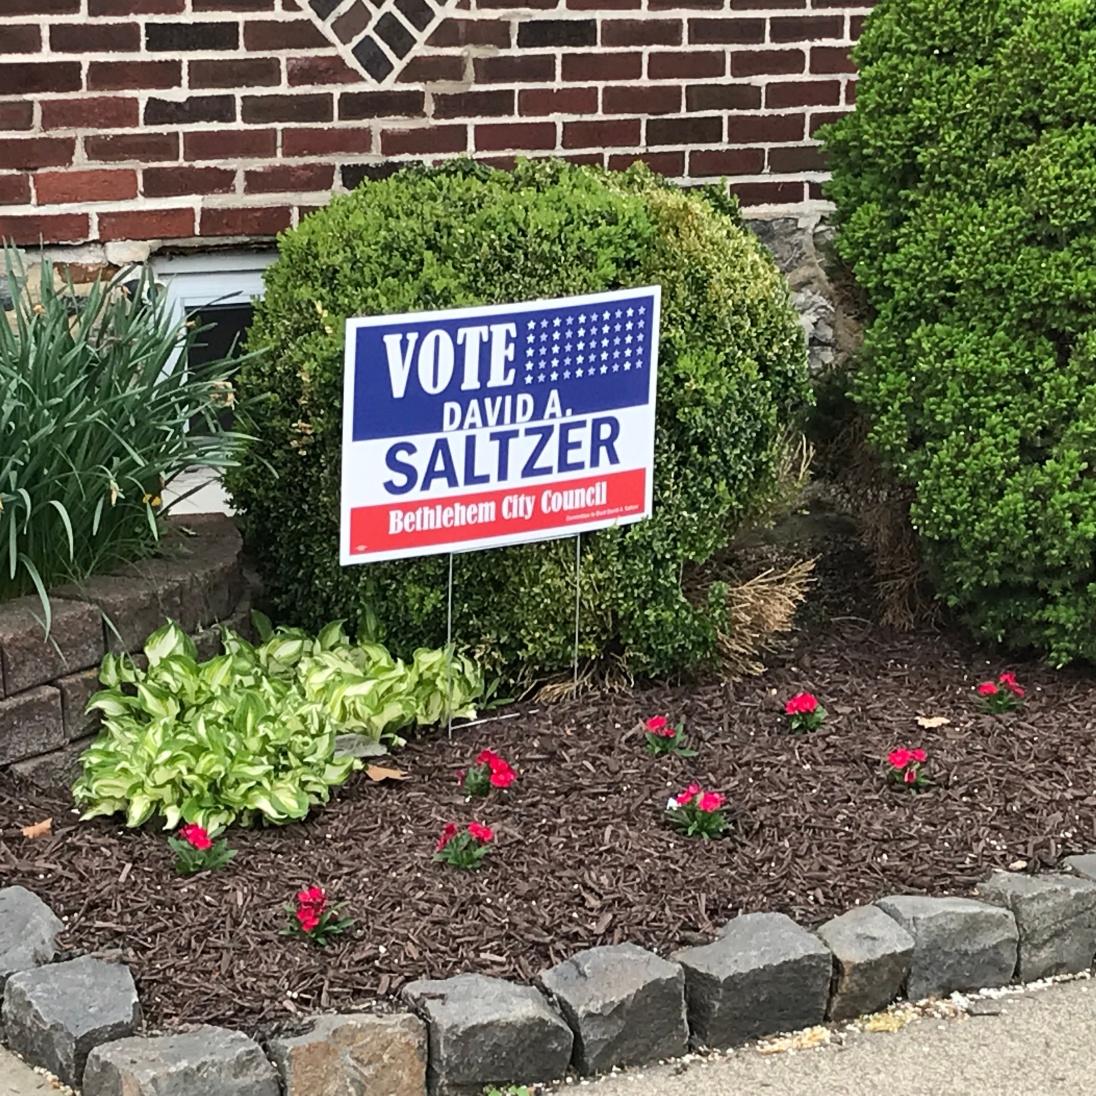 Saltzer